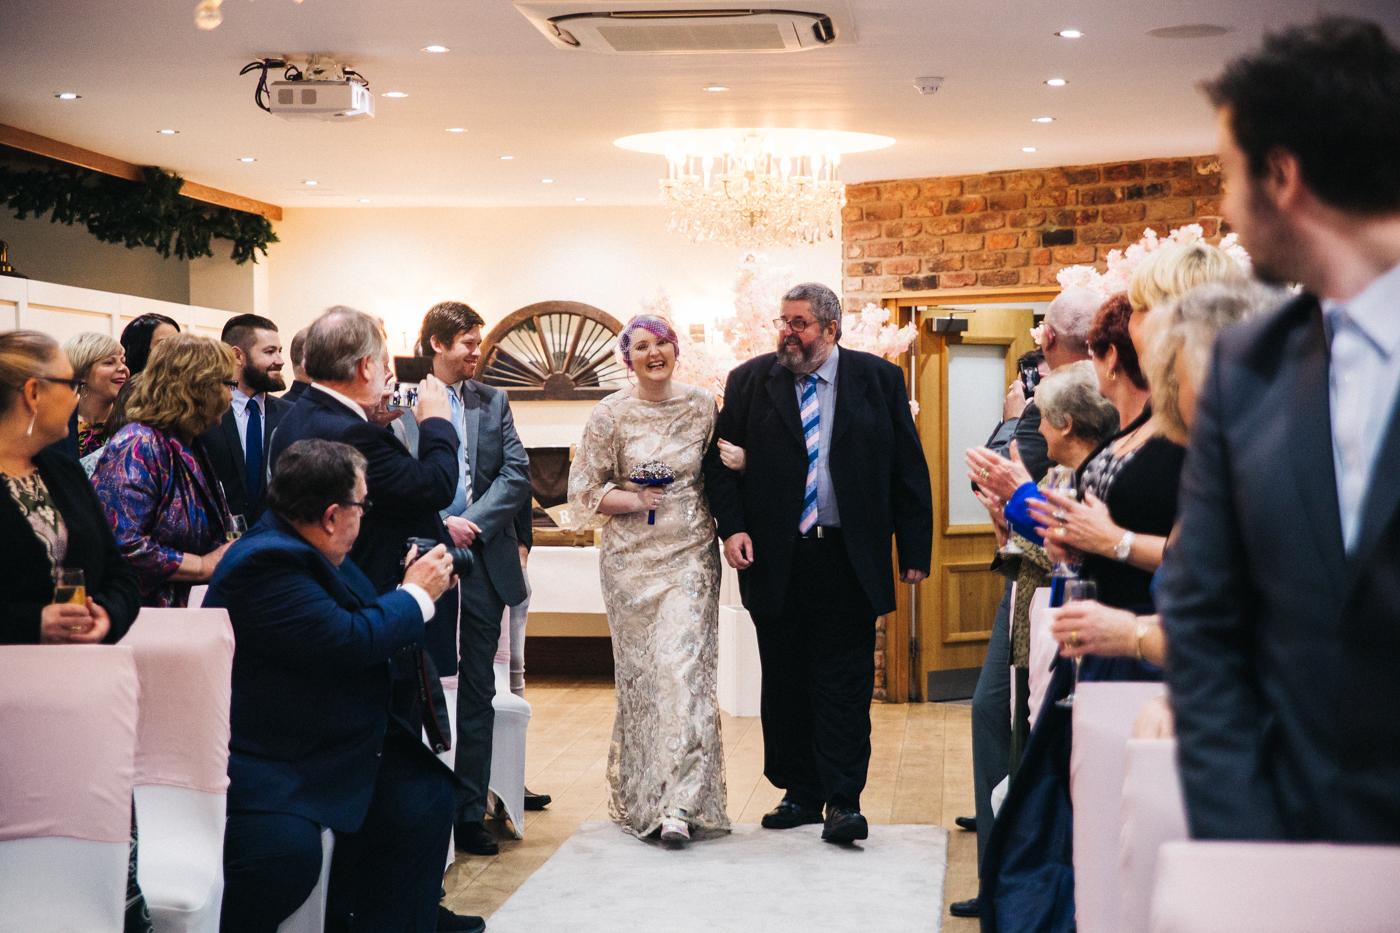 derby-derbyshire-wedding-photographer-creative-white-hart-inn-wedding-0018.jpg